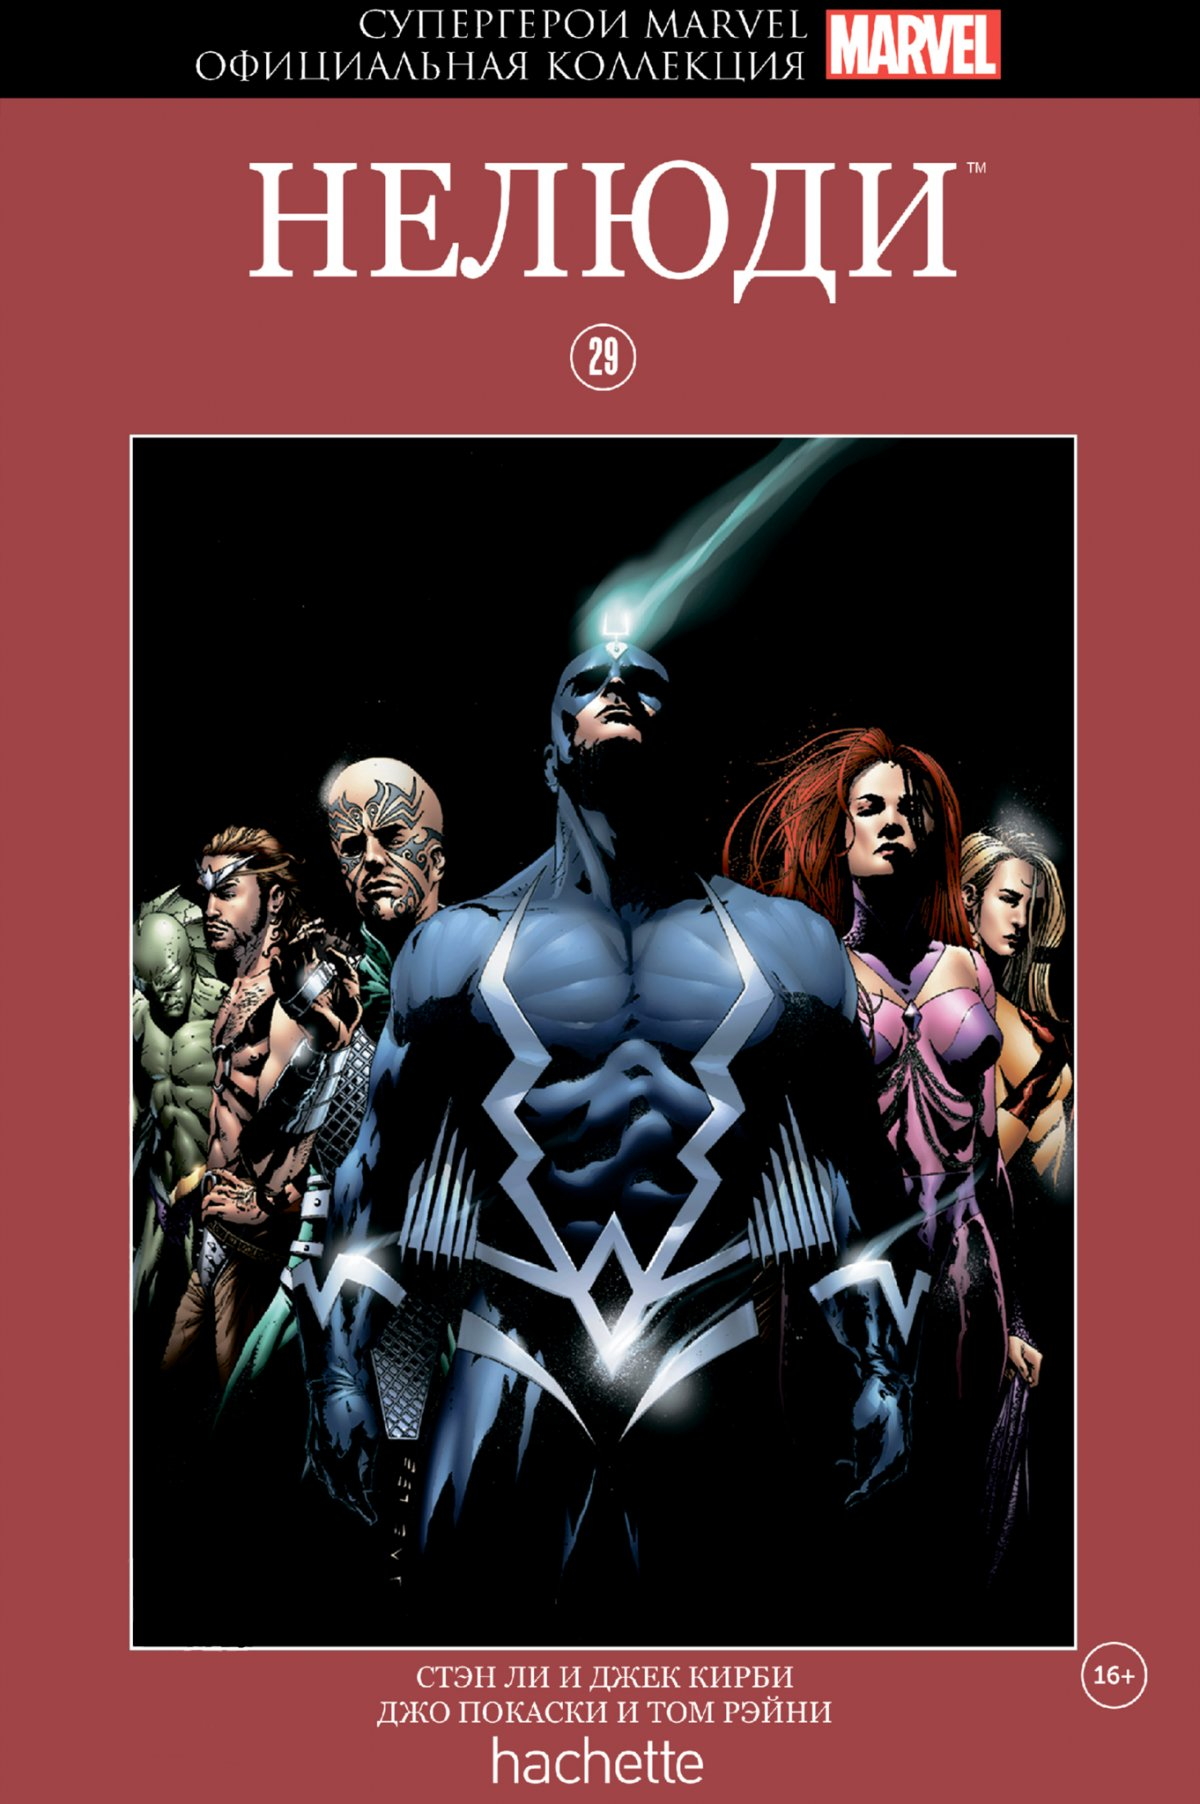 Hachette Официальная коллекция комиксов Супергерои Marvel: Нелюди. Том 29 фото